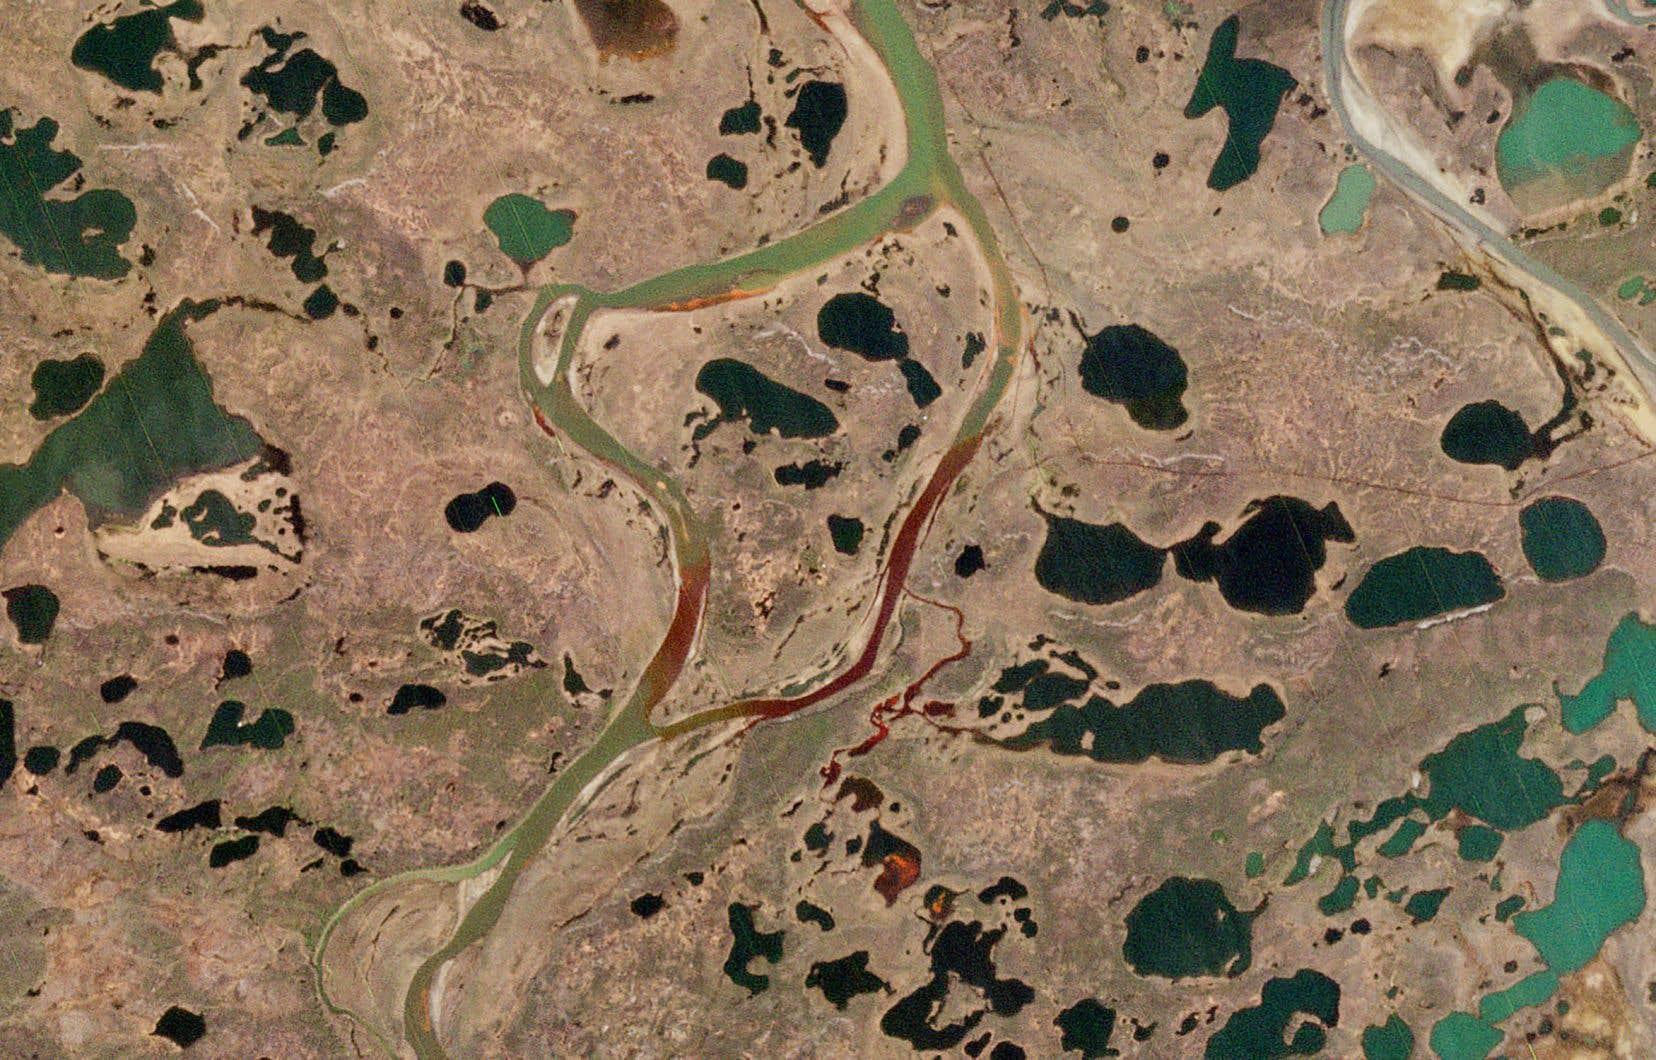 Le 29mai, 21000 tonnes de carburant contenu dans le réservoir d'une centrale thermique appartenant à une filiale du grand groupe minier russe Norilsk Nickel se sont déversées dans la rivière Ambarnaïa et les terrains alentour après la rupture des piliers soutenant l'édifice.